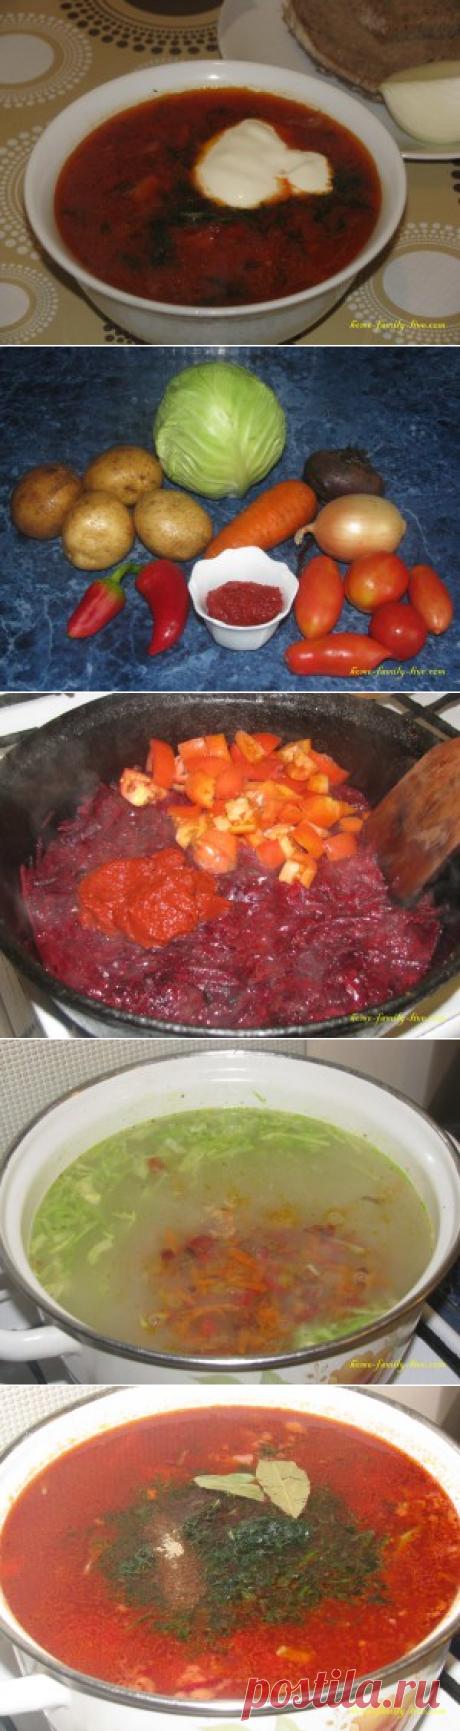 Борщ со свеклой - пошаговый рецепт с подробными фотоКулинарные рецепты